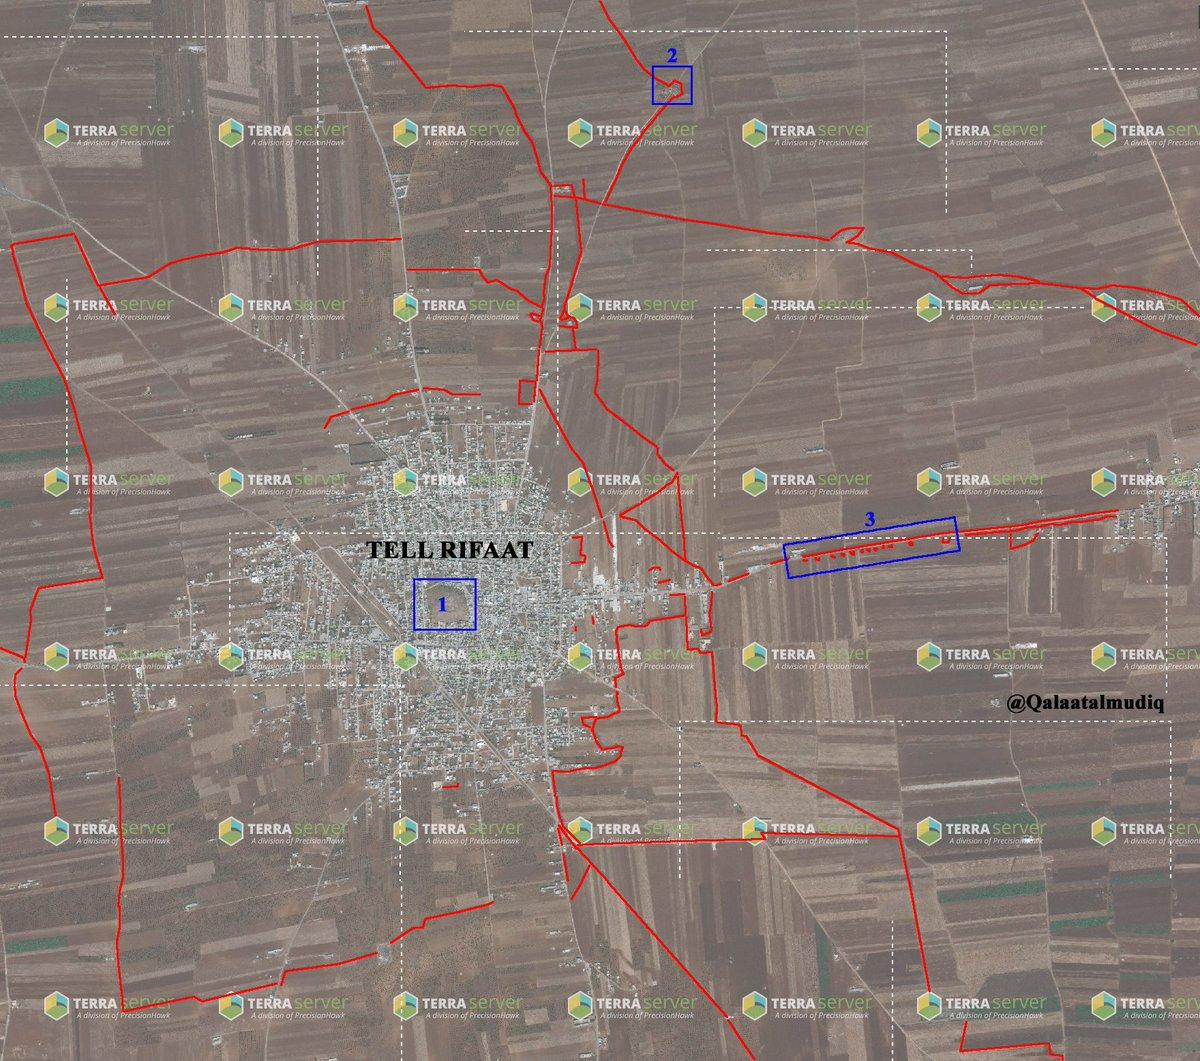 Εις προσοχή όλων και κυρίως της Ρωσίας και των ΗΠΑ - Οι Τούρκοι προετοιμάζουν επίθεση στο Καντόνι του Αφρίν - Εικόνα1